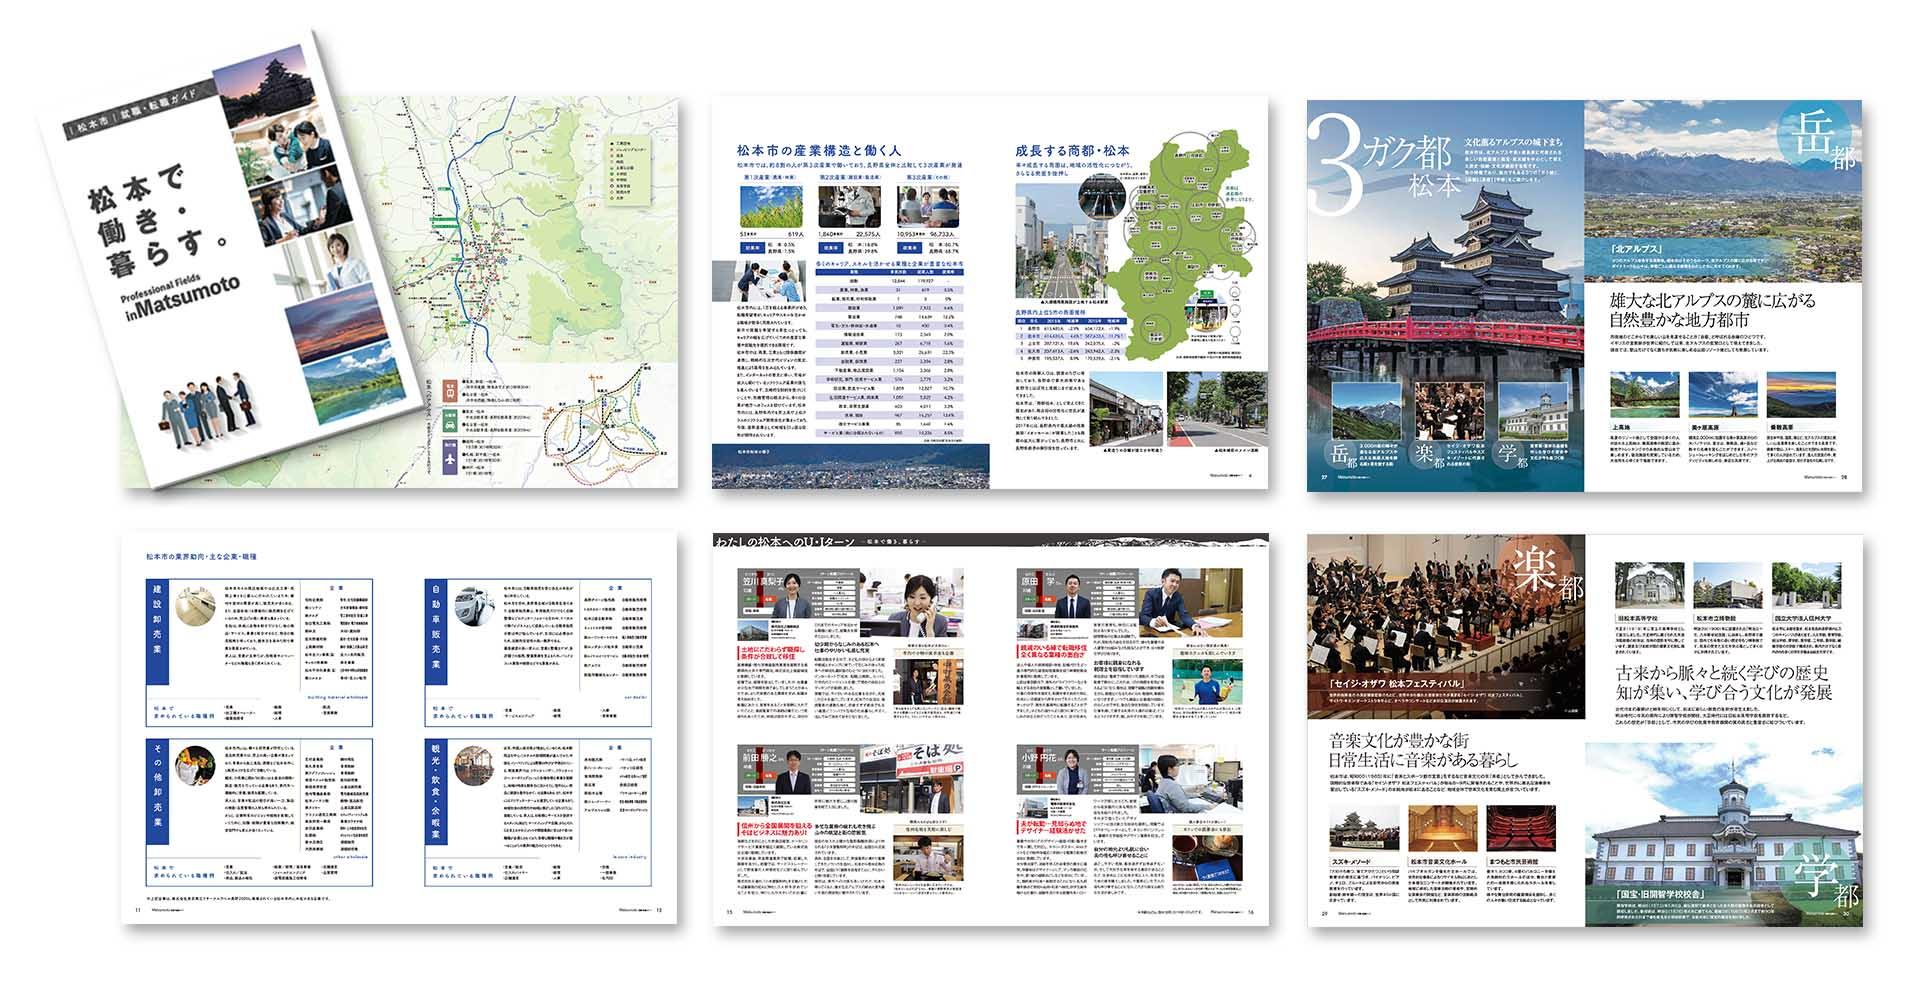 松本で働き・暮らすガイドブック